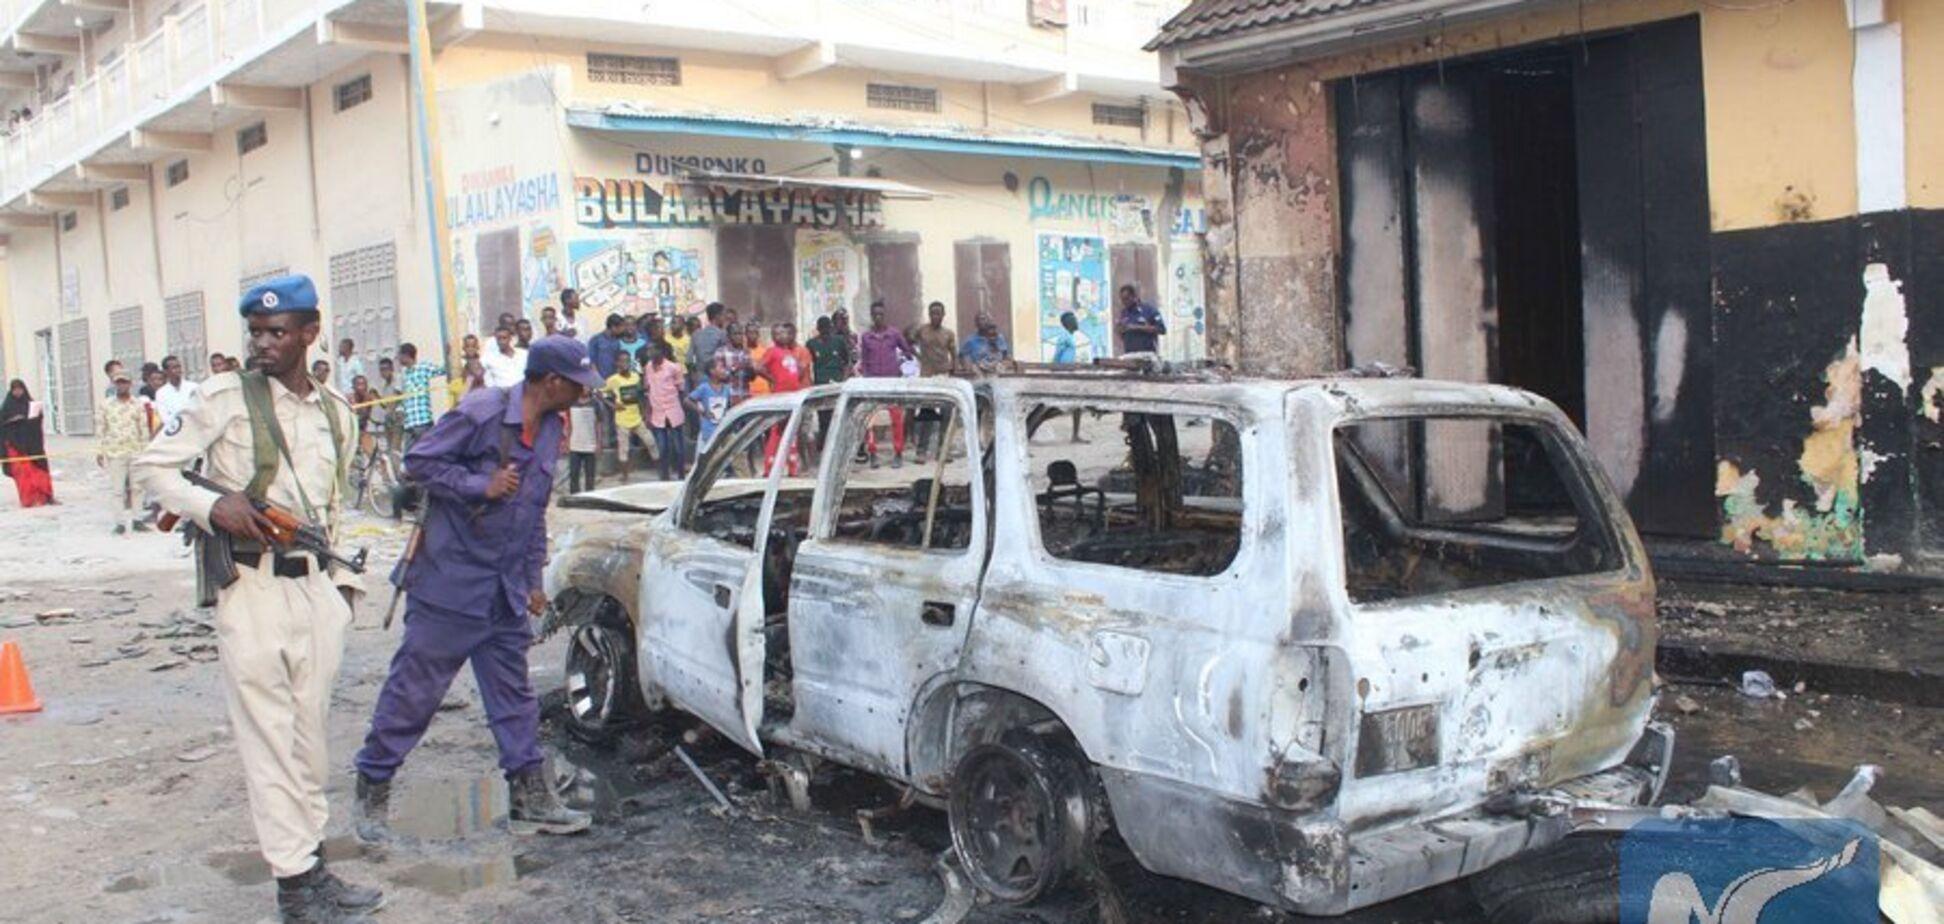 В столице Сомали устроили мощный двойной теракт: 15 жертв, среди раненых — журналисты и замгубернатора